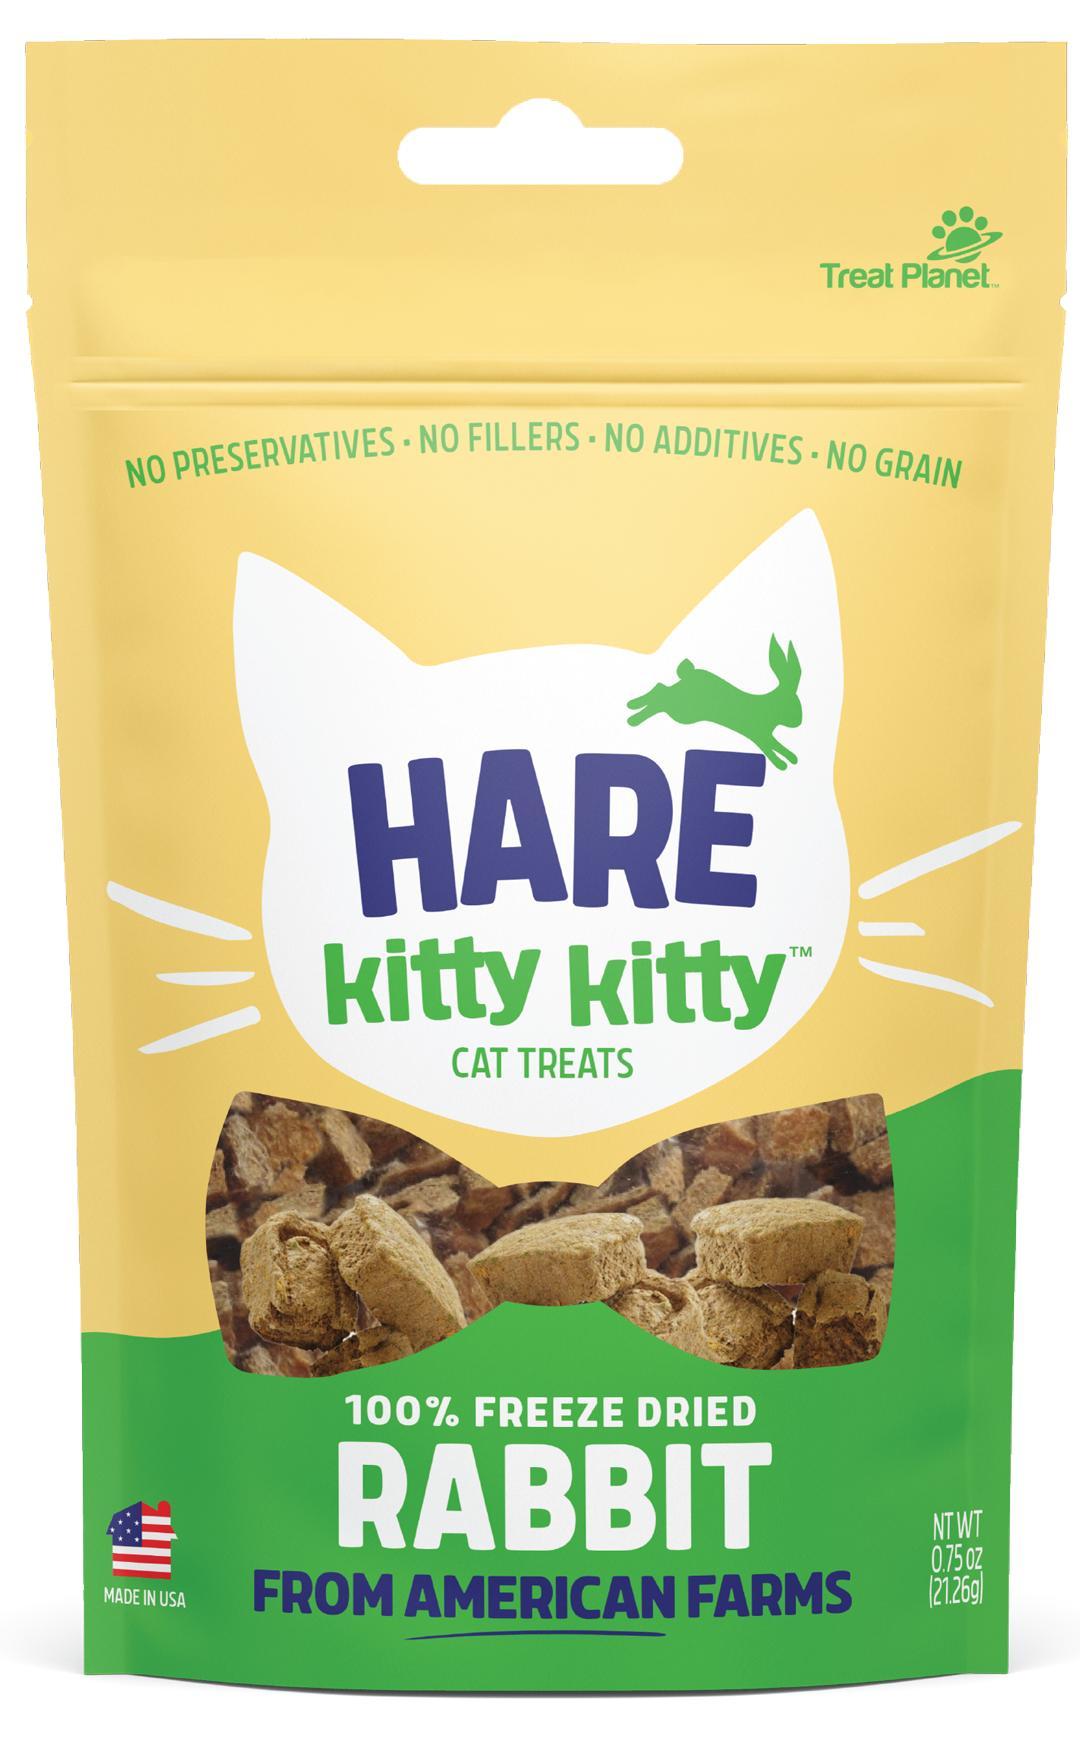 Hare Kitty Kitty Freeze Dried Rabbit Cat Treats Image